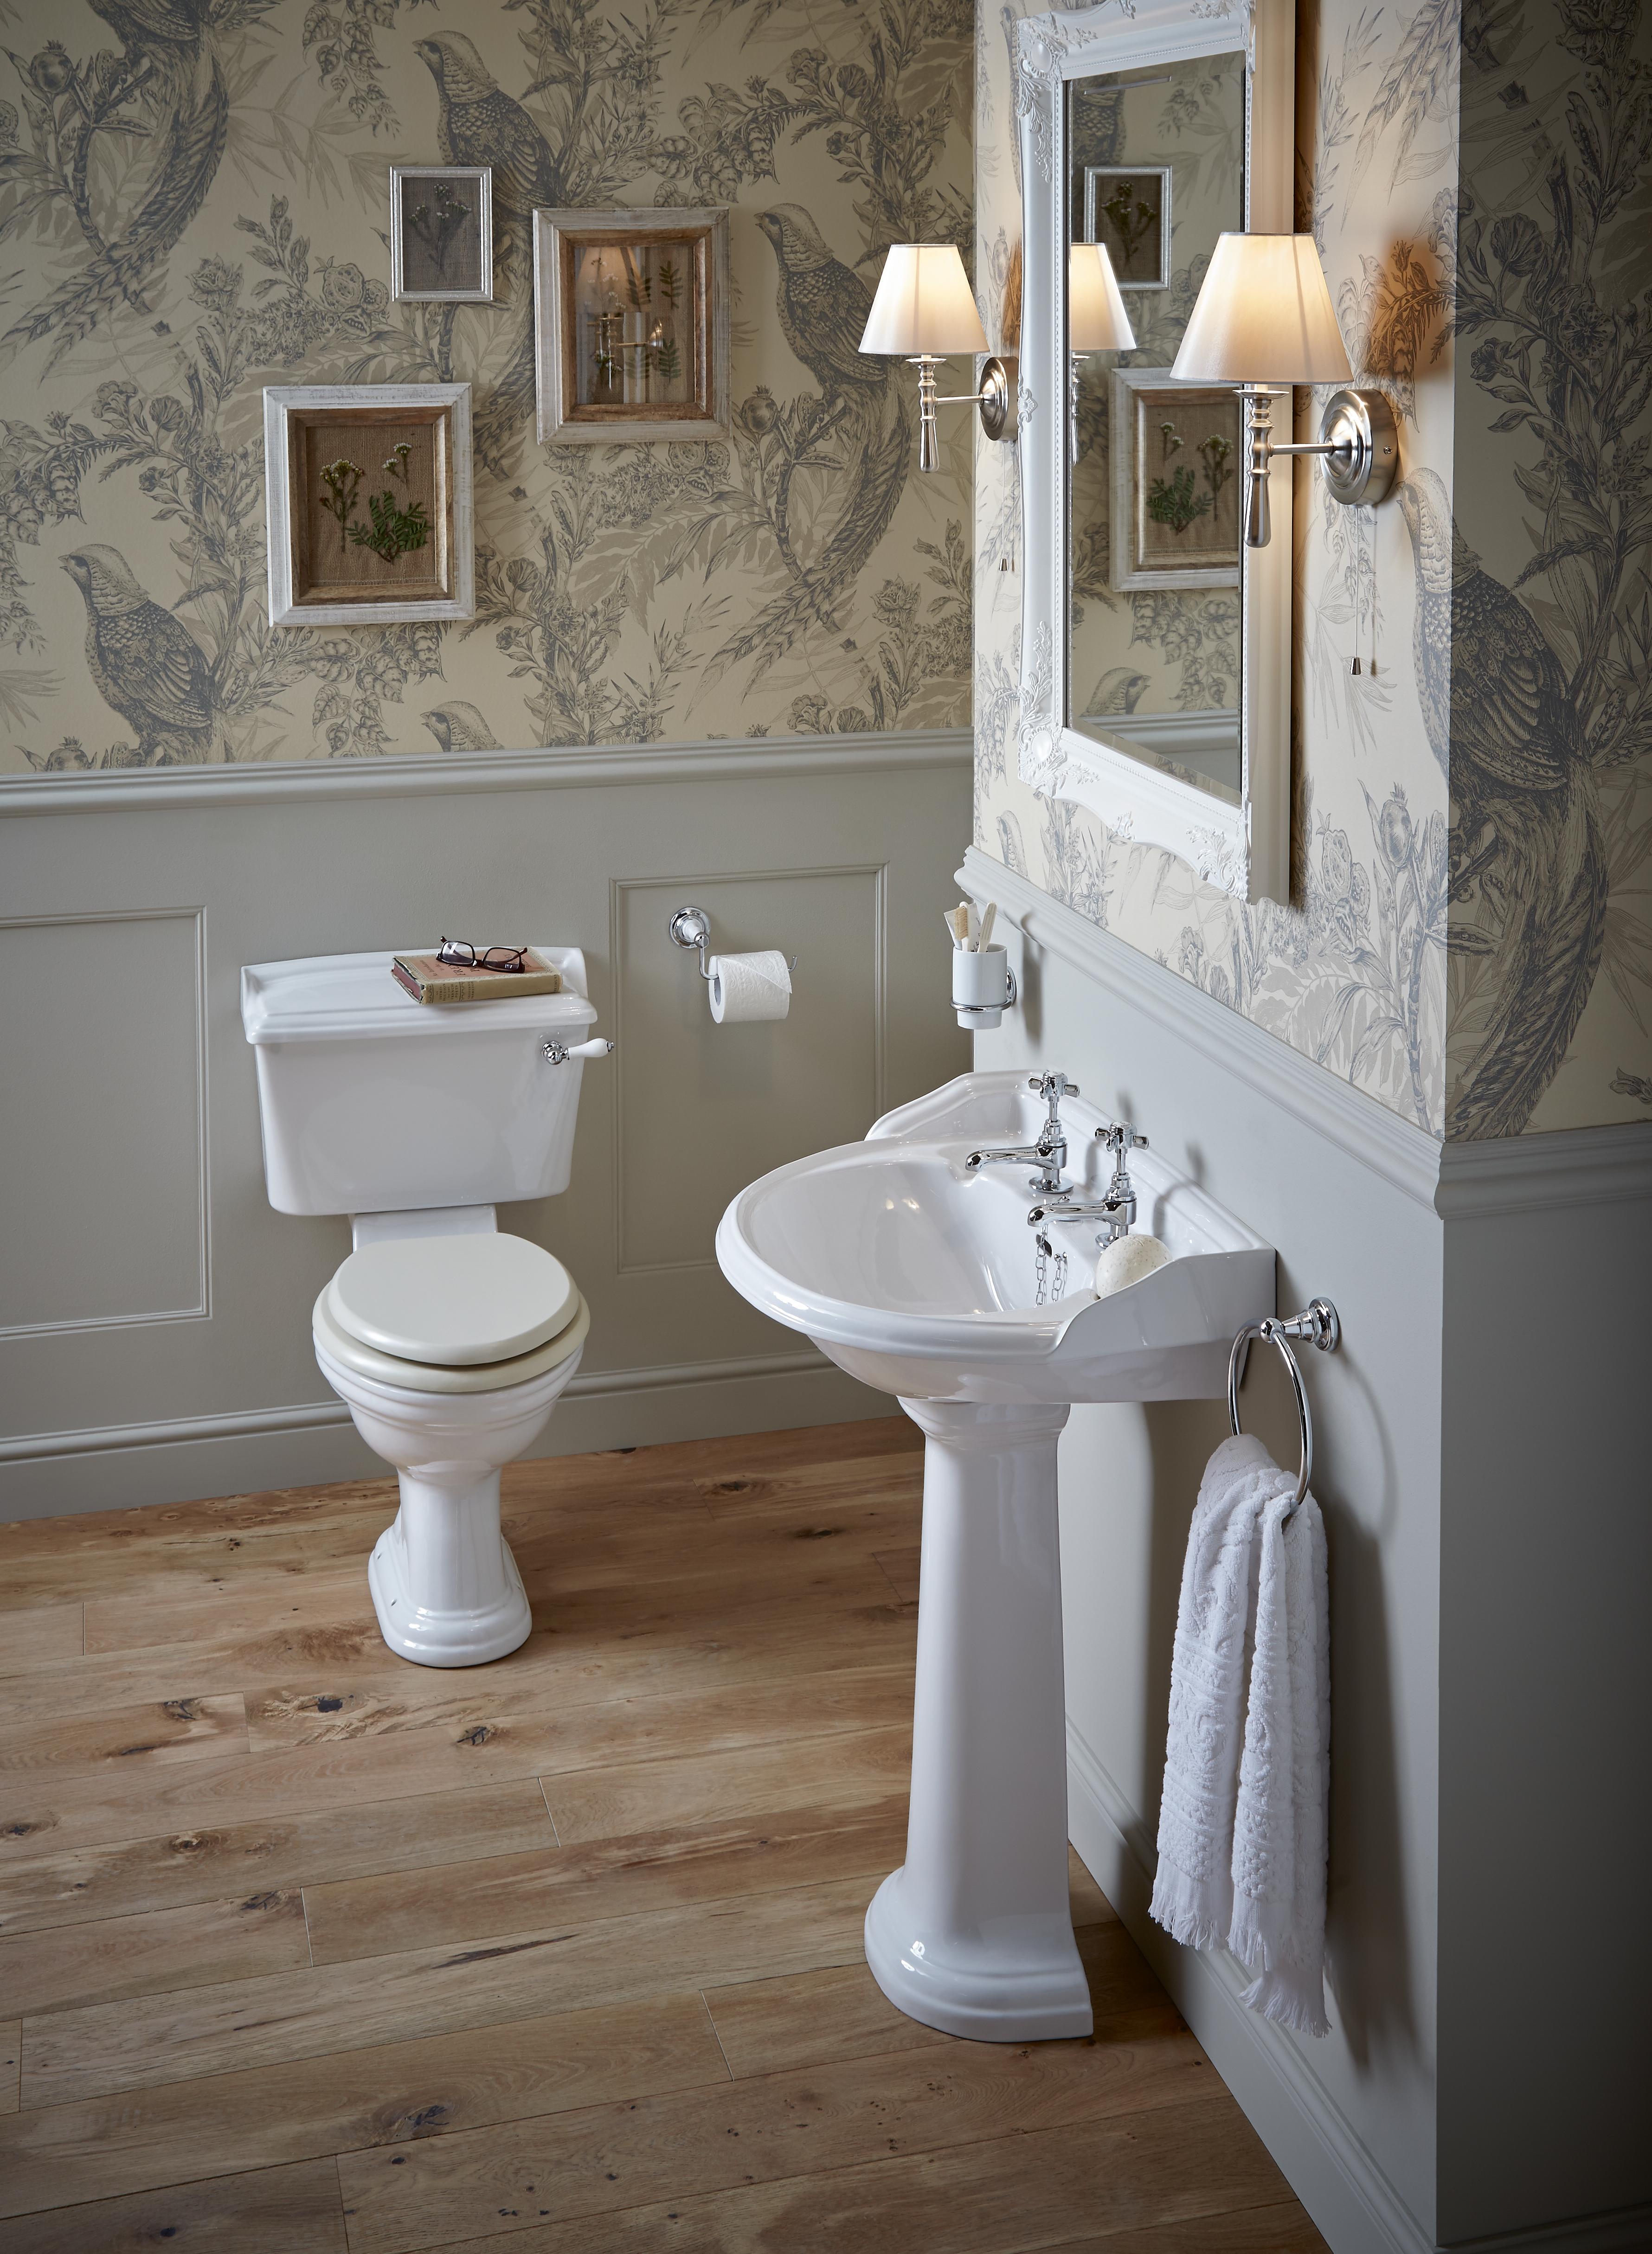 Nostalgie Keramik Wc Becken Dorchester Mit Aufgesetztem Spulkasten Wc Becken Badezimmer Innenausstattung Badezimmer Einrichtung